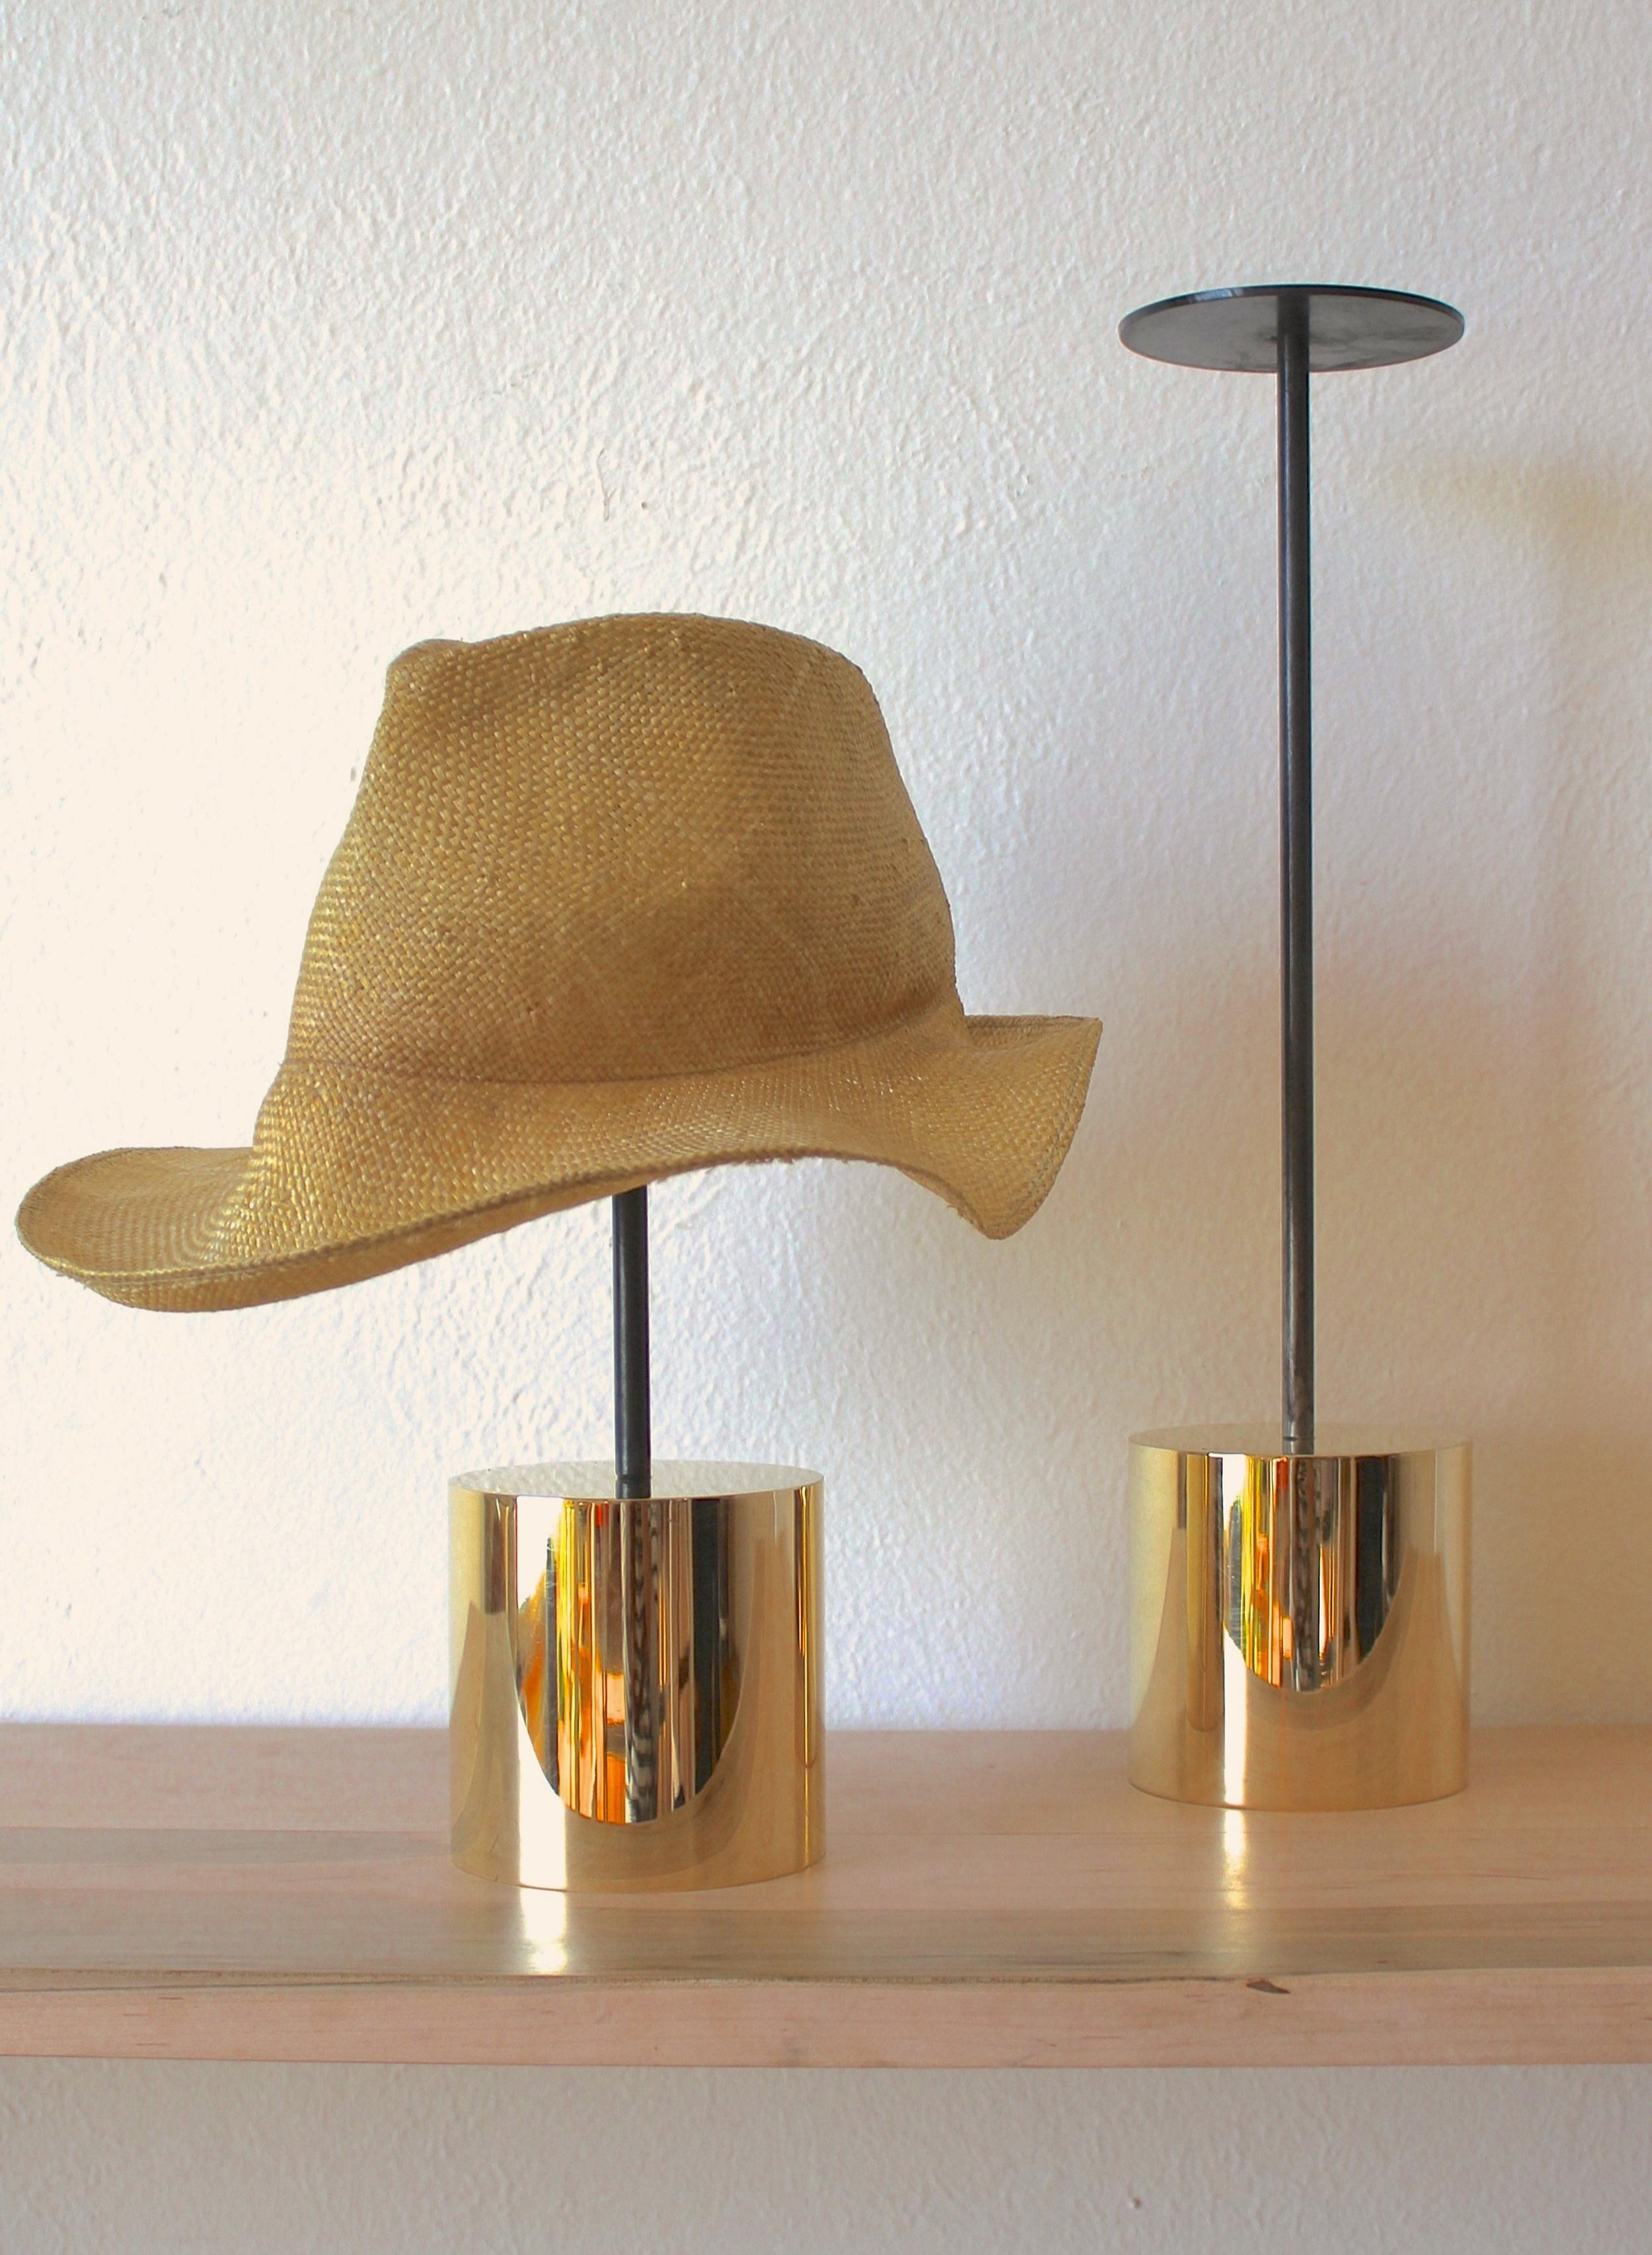 SOLID BRASS HAT STANDS @ BIRD, CULVER CITY